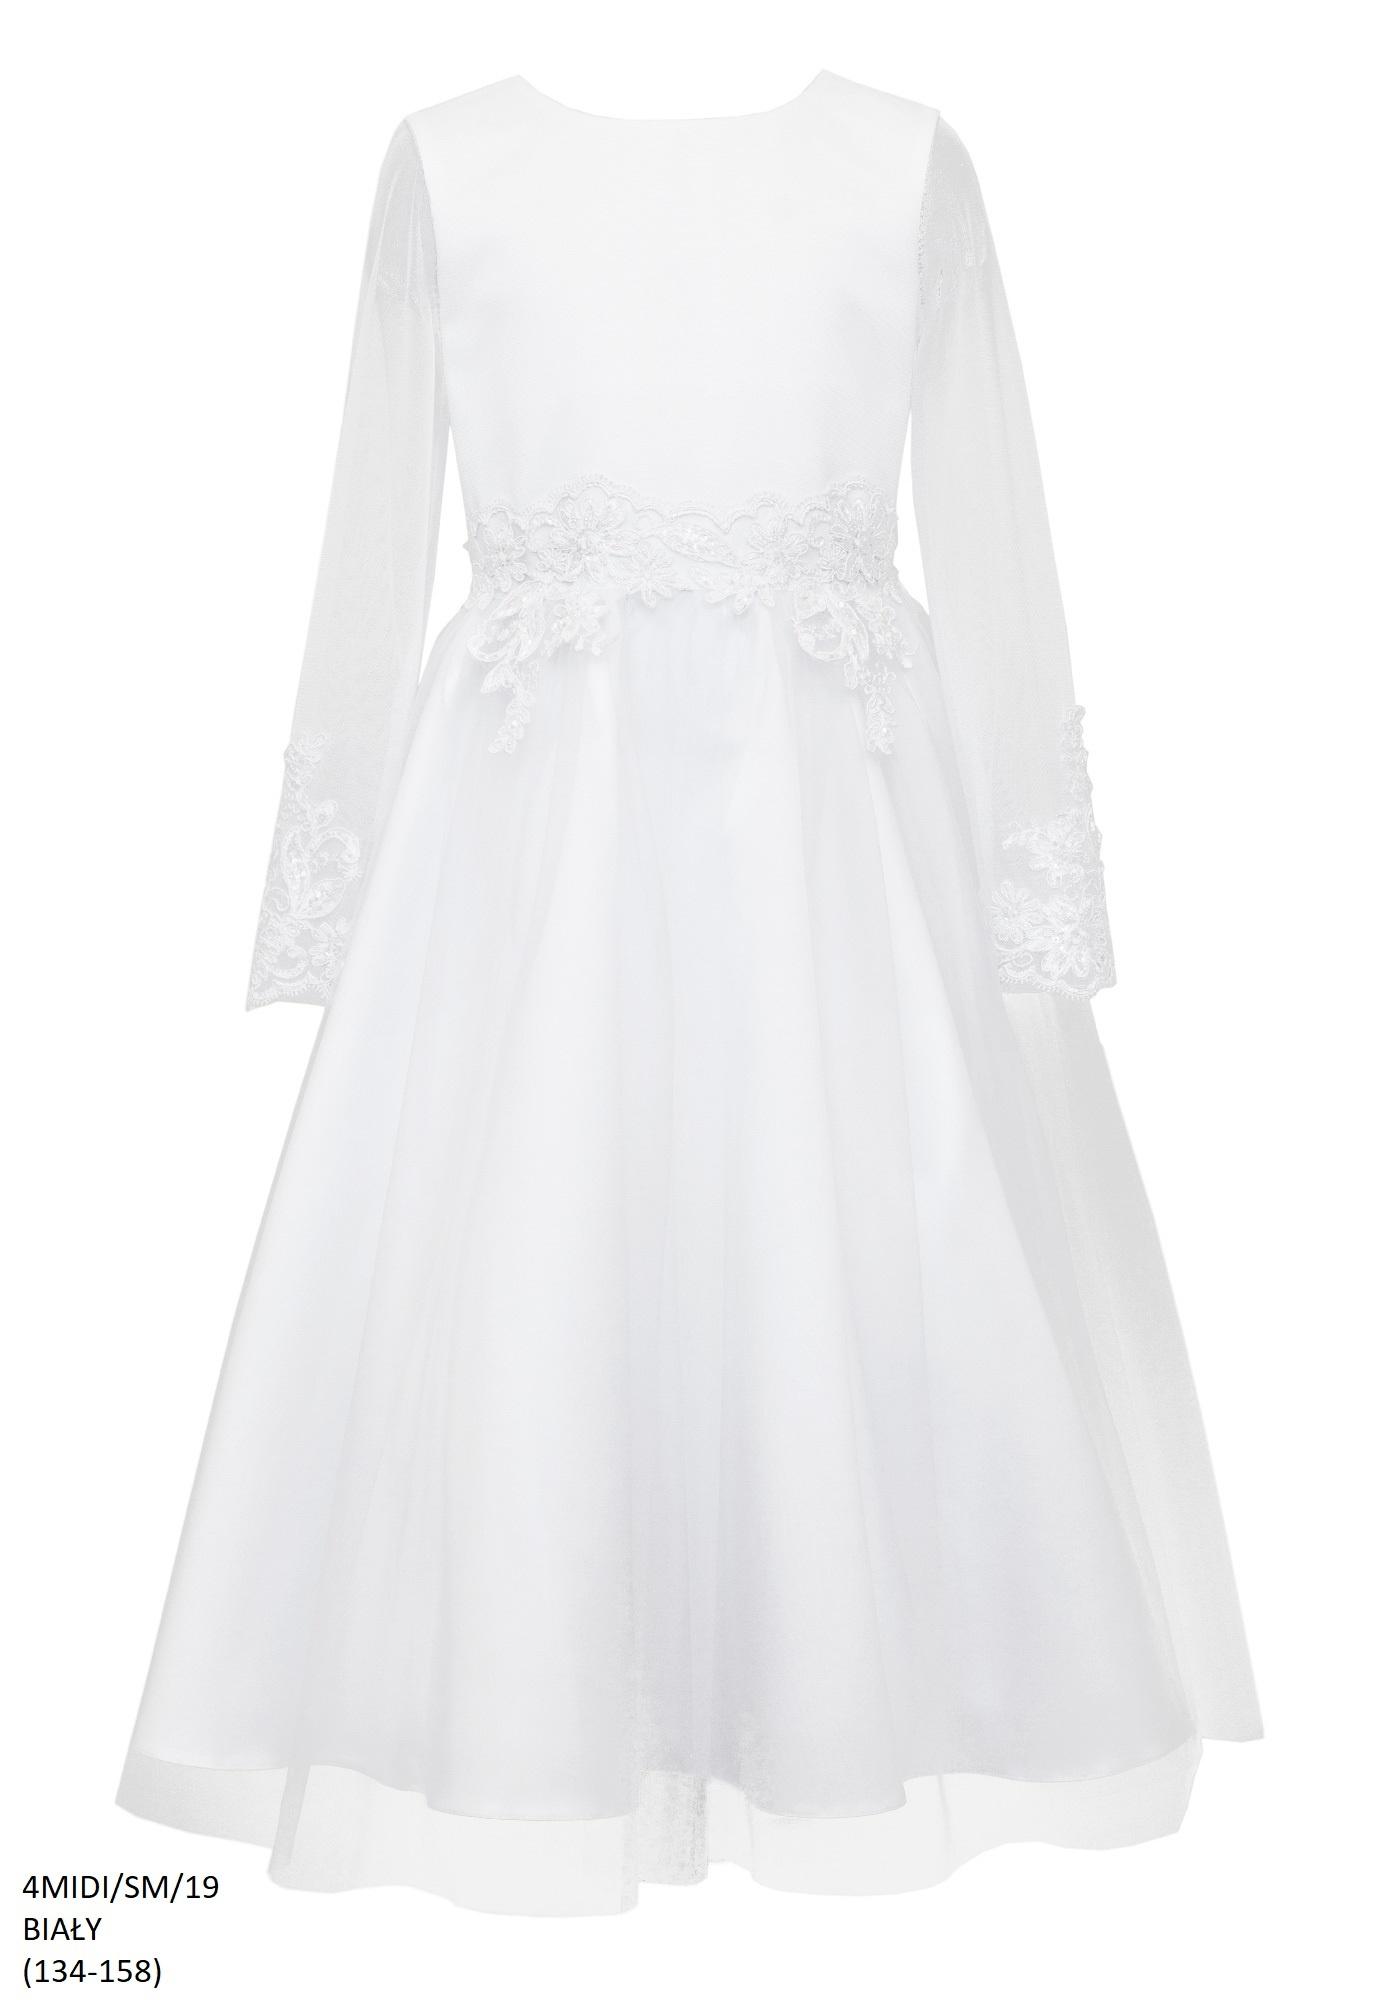 białe sukienki dla dziewczynek,e zygzak.pl, kolekcja 2019